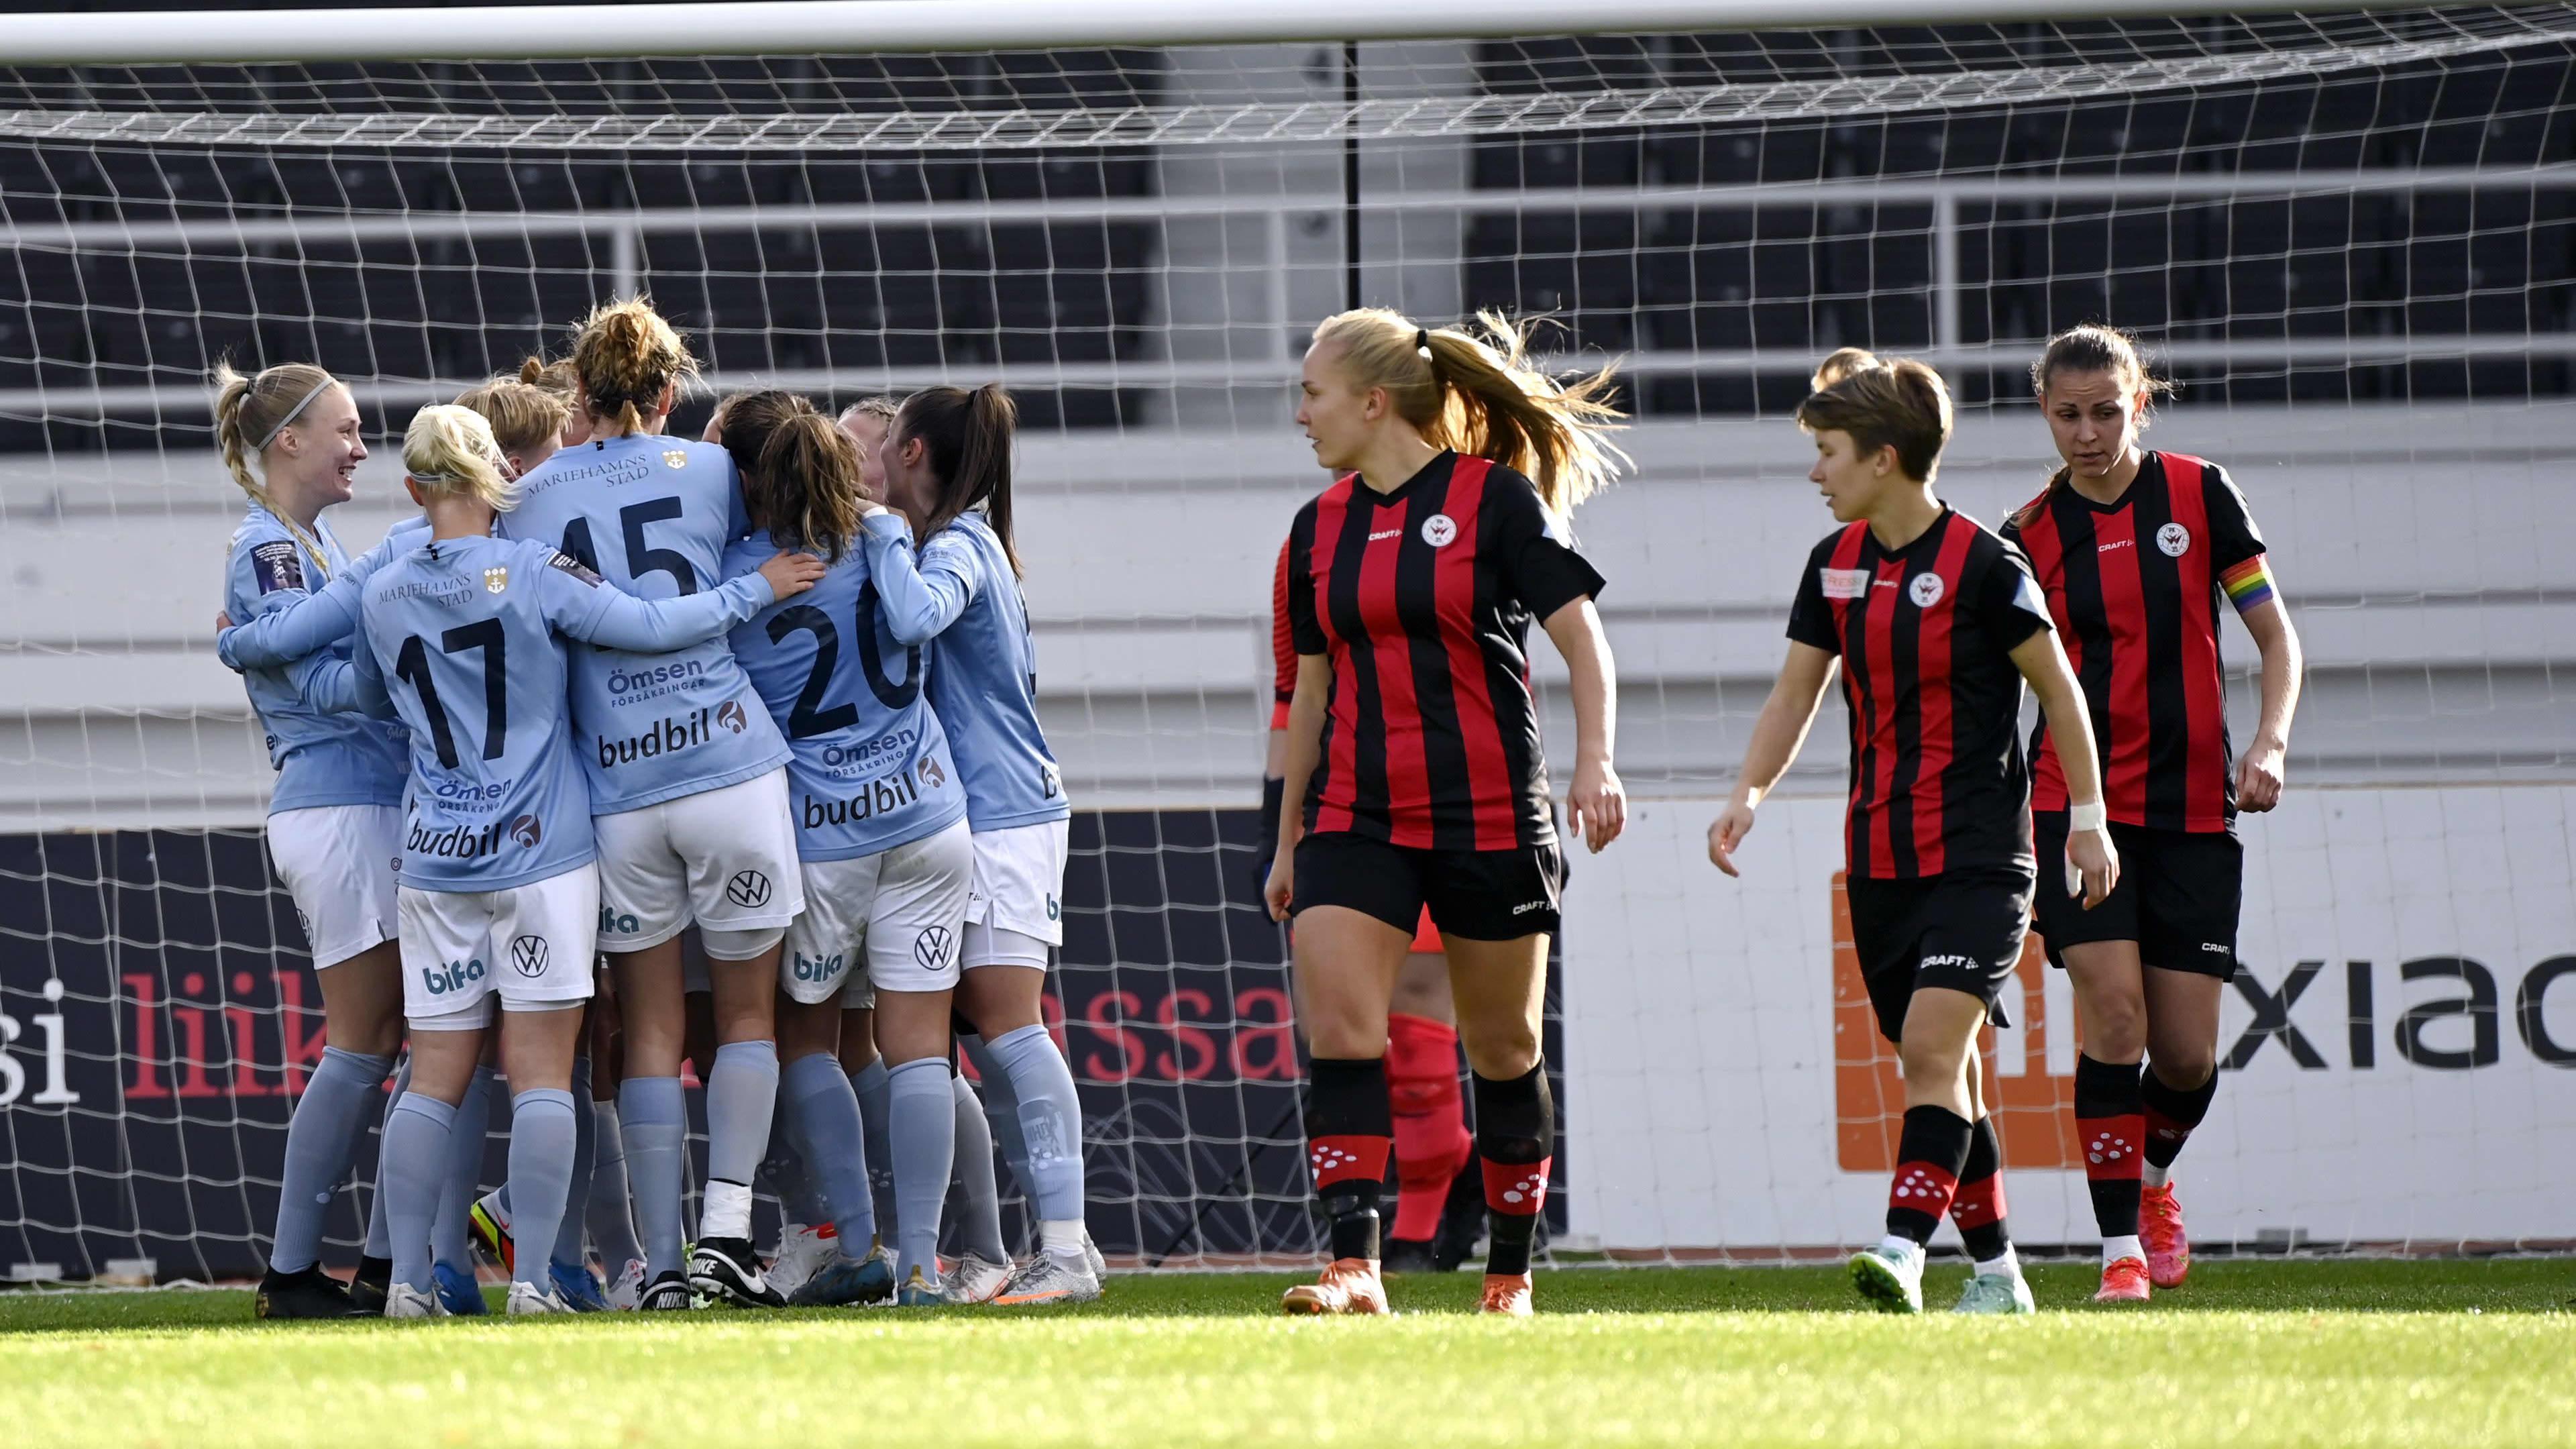 Åland United firar efter att ha kvitterat cupfinalen mot PK-35 Vantaa på Olympiastadion.